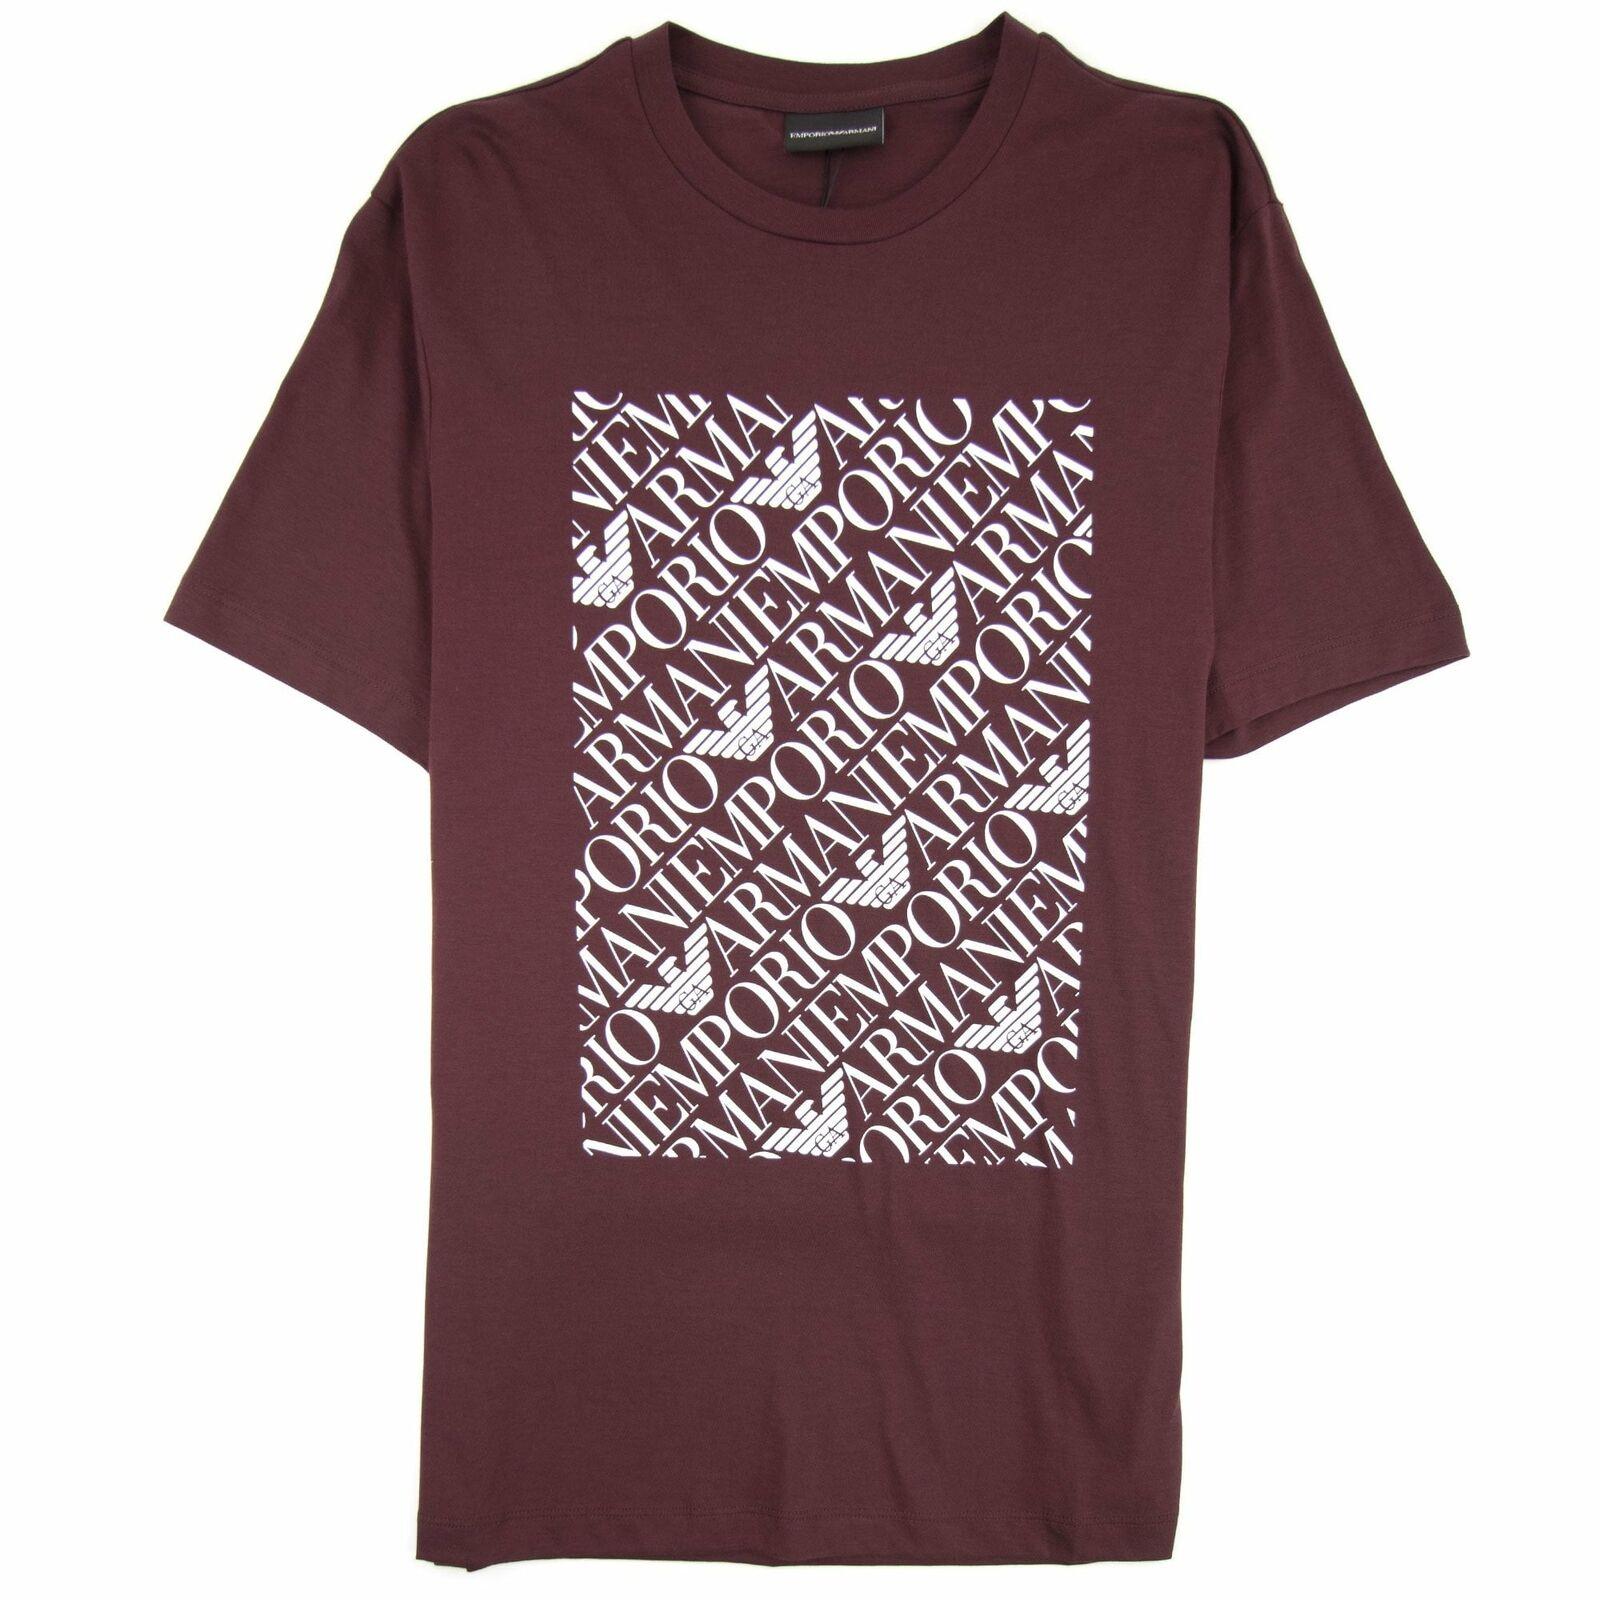 Arhommei Jeans voitureré Logo T-shirt rouge Sangue 0347